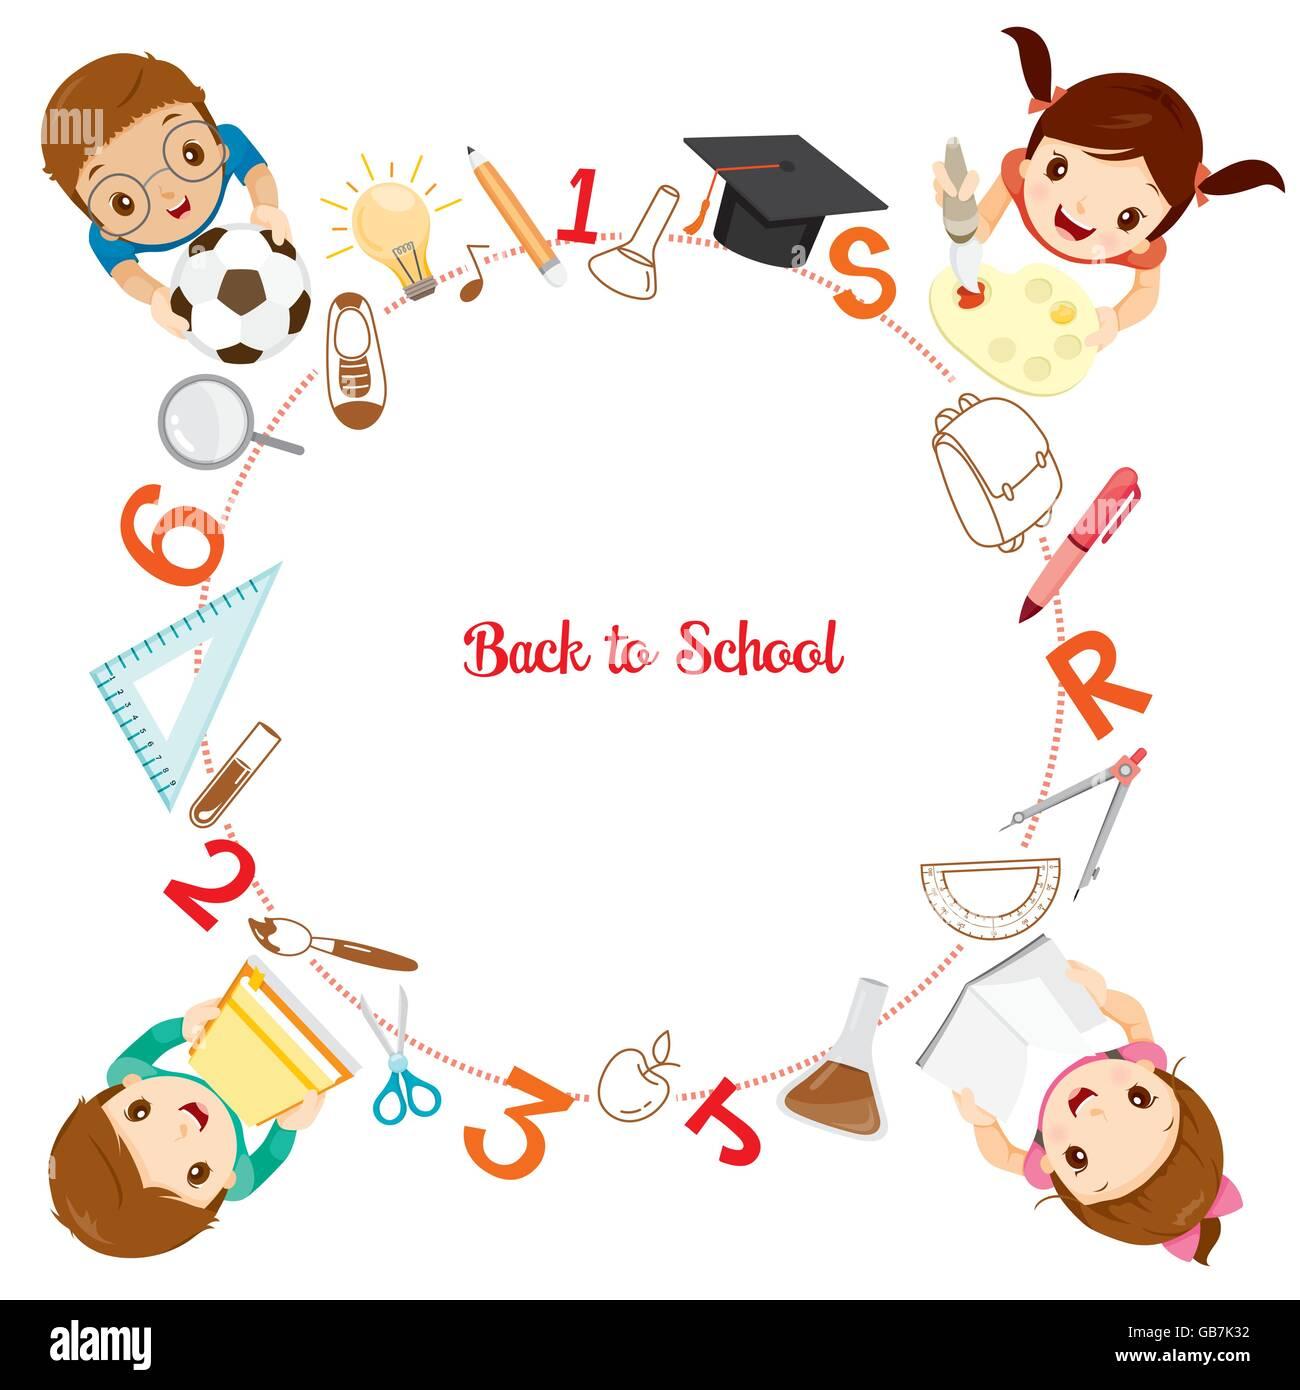 Kinder mit School Supplies Symbole auf Kreis Rahmen, zurück zu ...